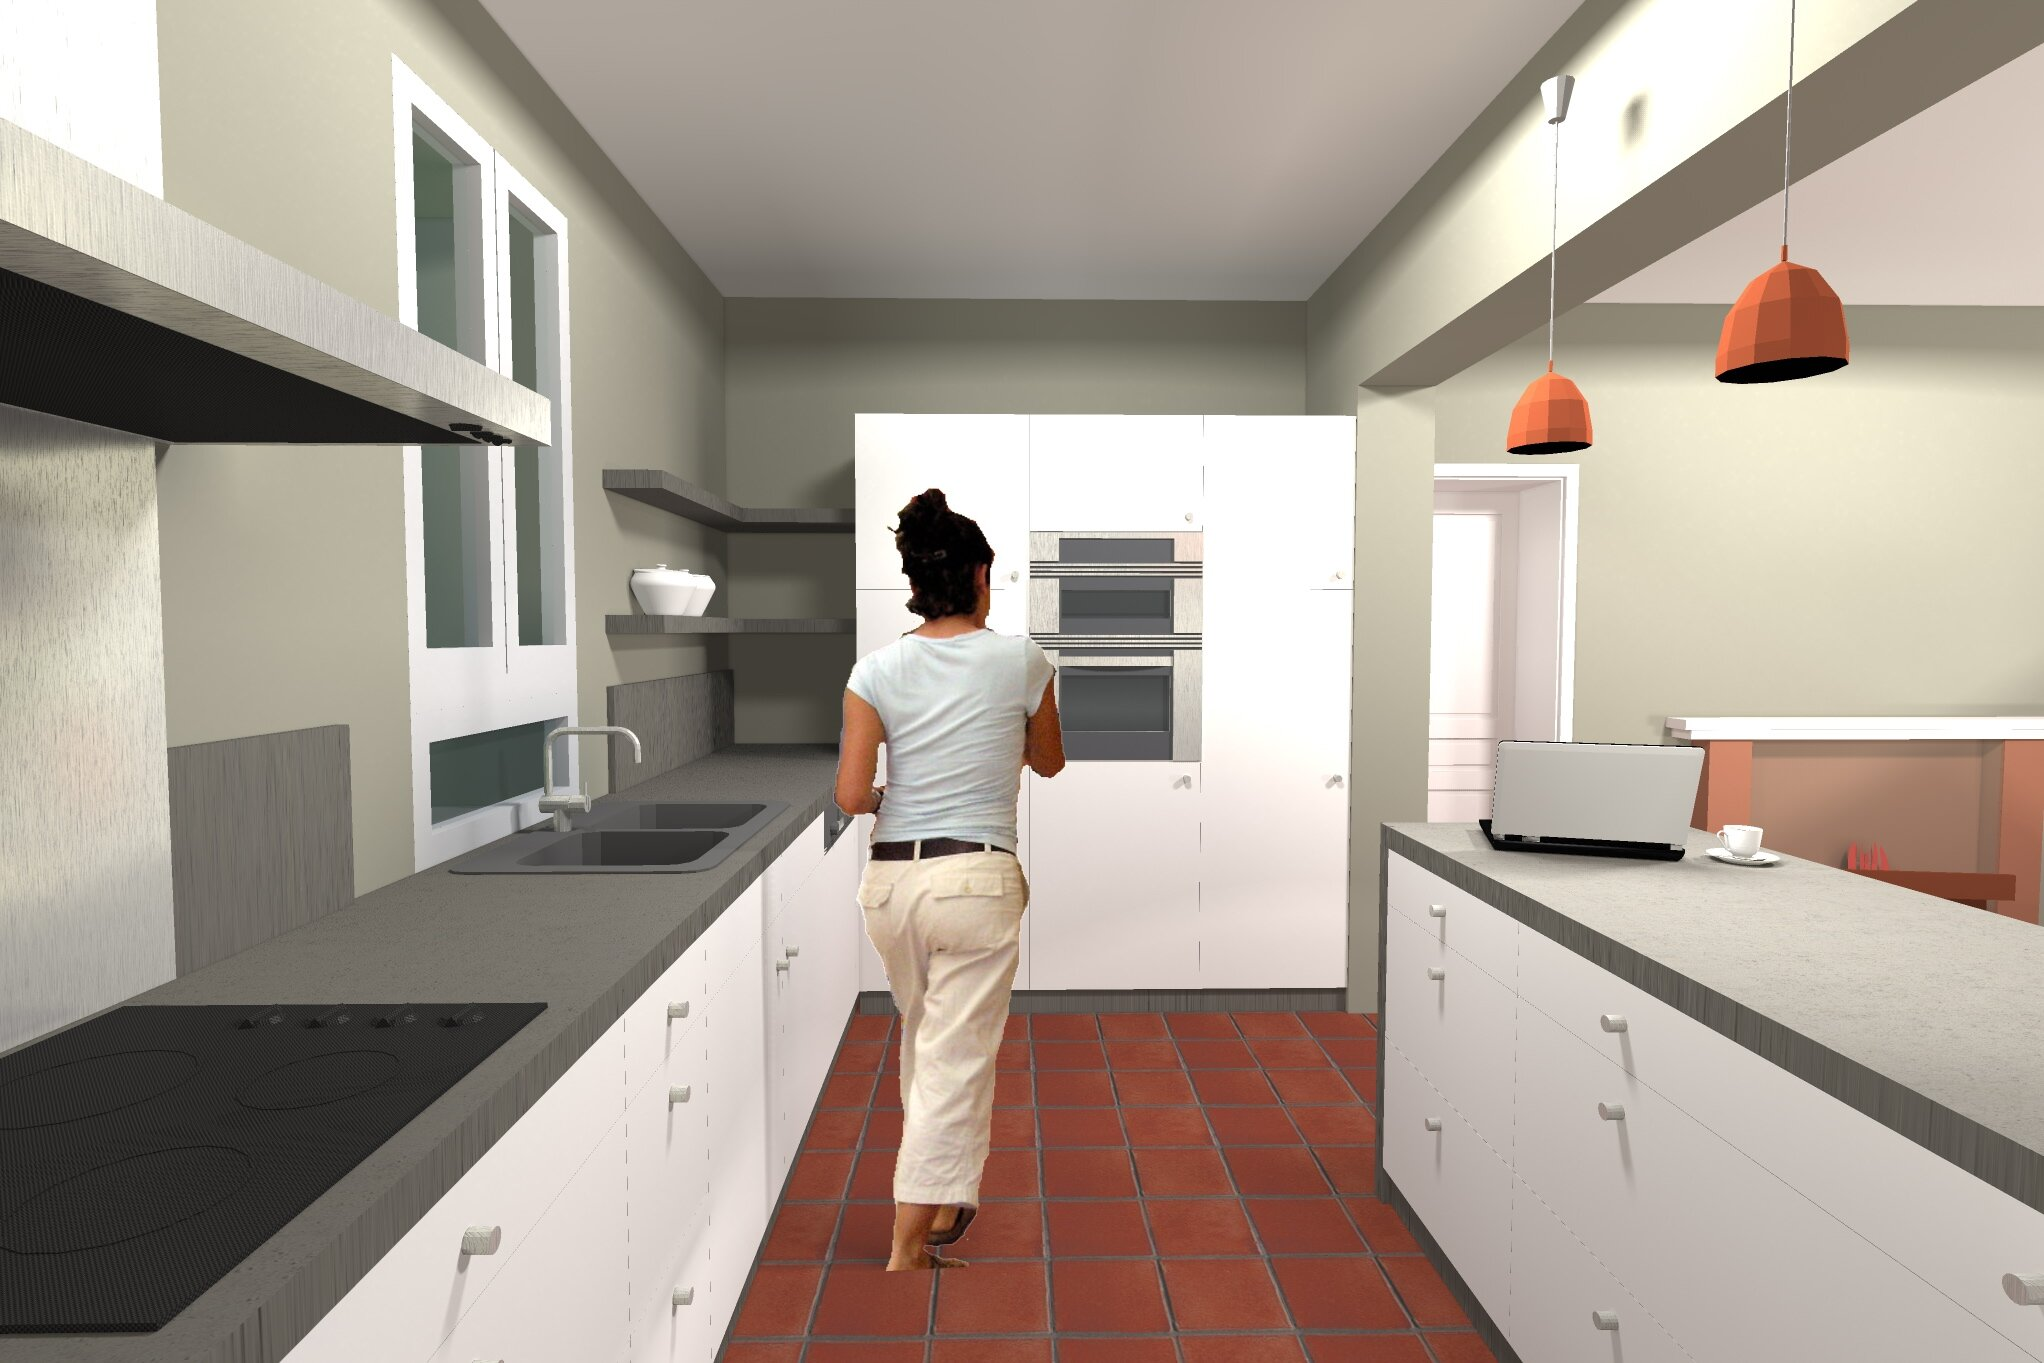 Réaménagement d'une cuisine 2